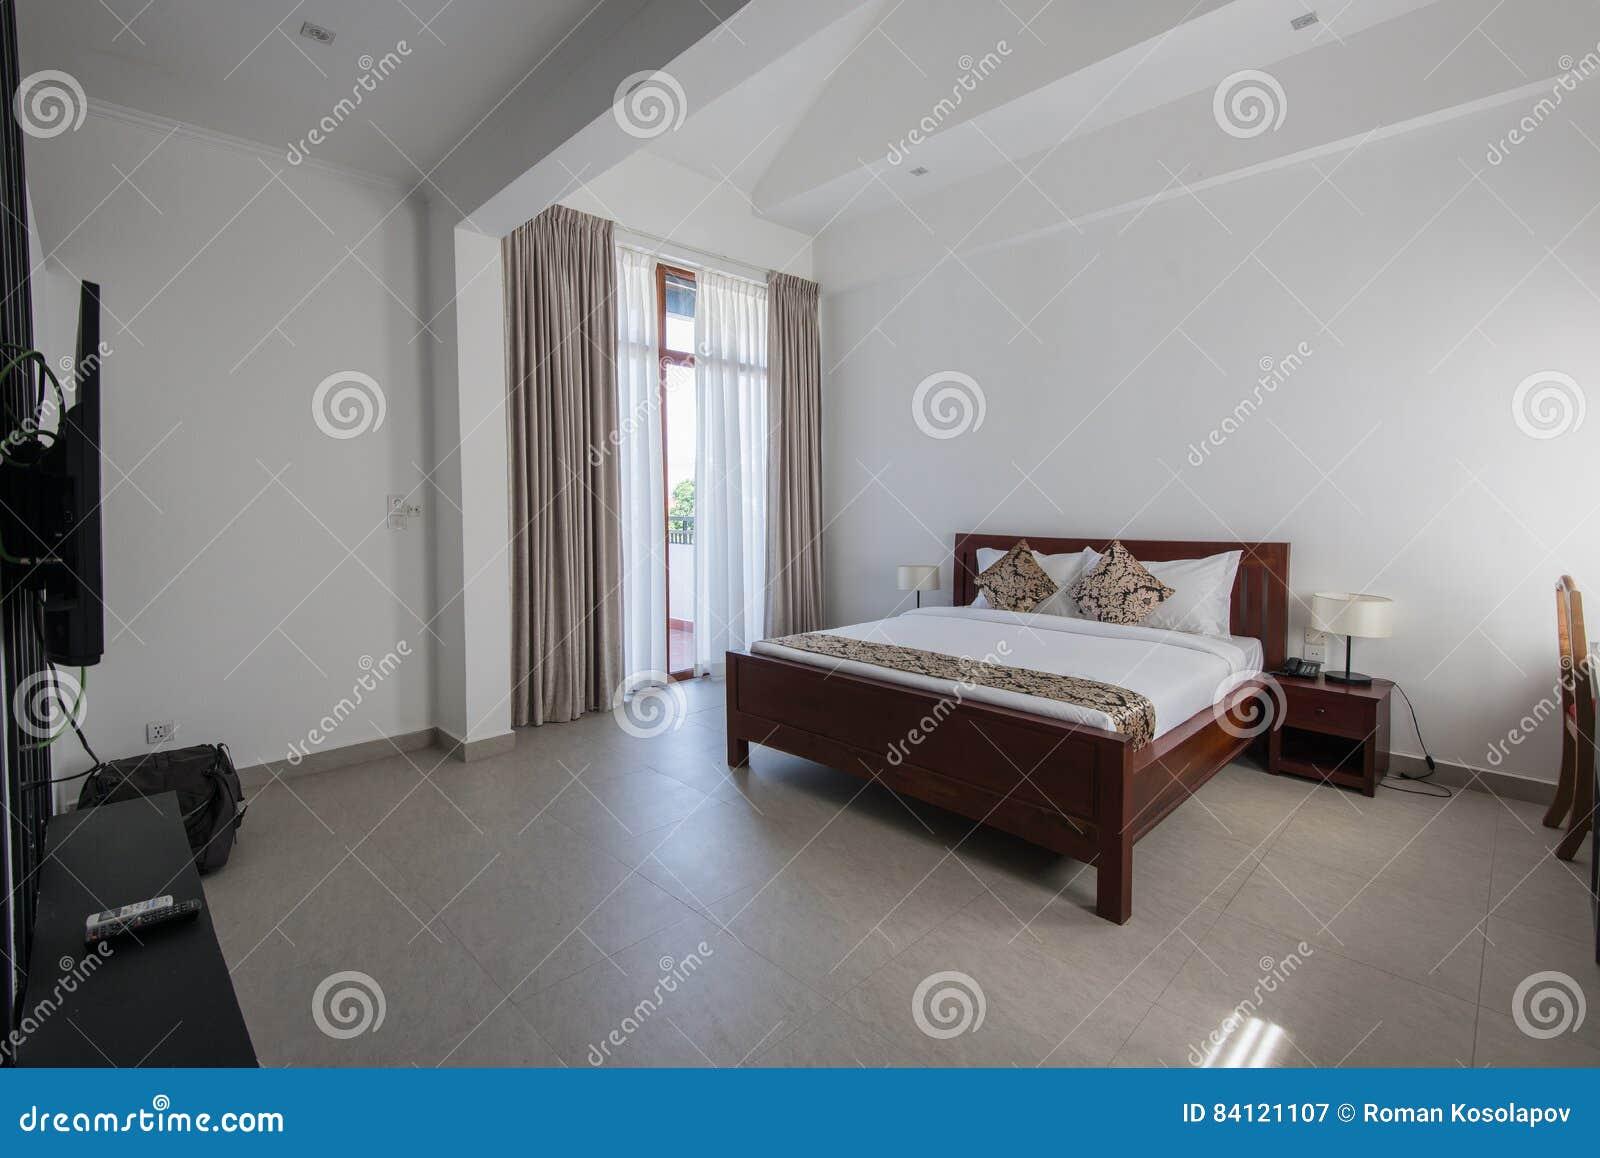 Interior Design: Grande Camera Da Letto Moderna Immagine ...